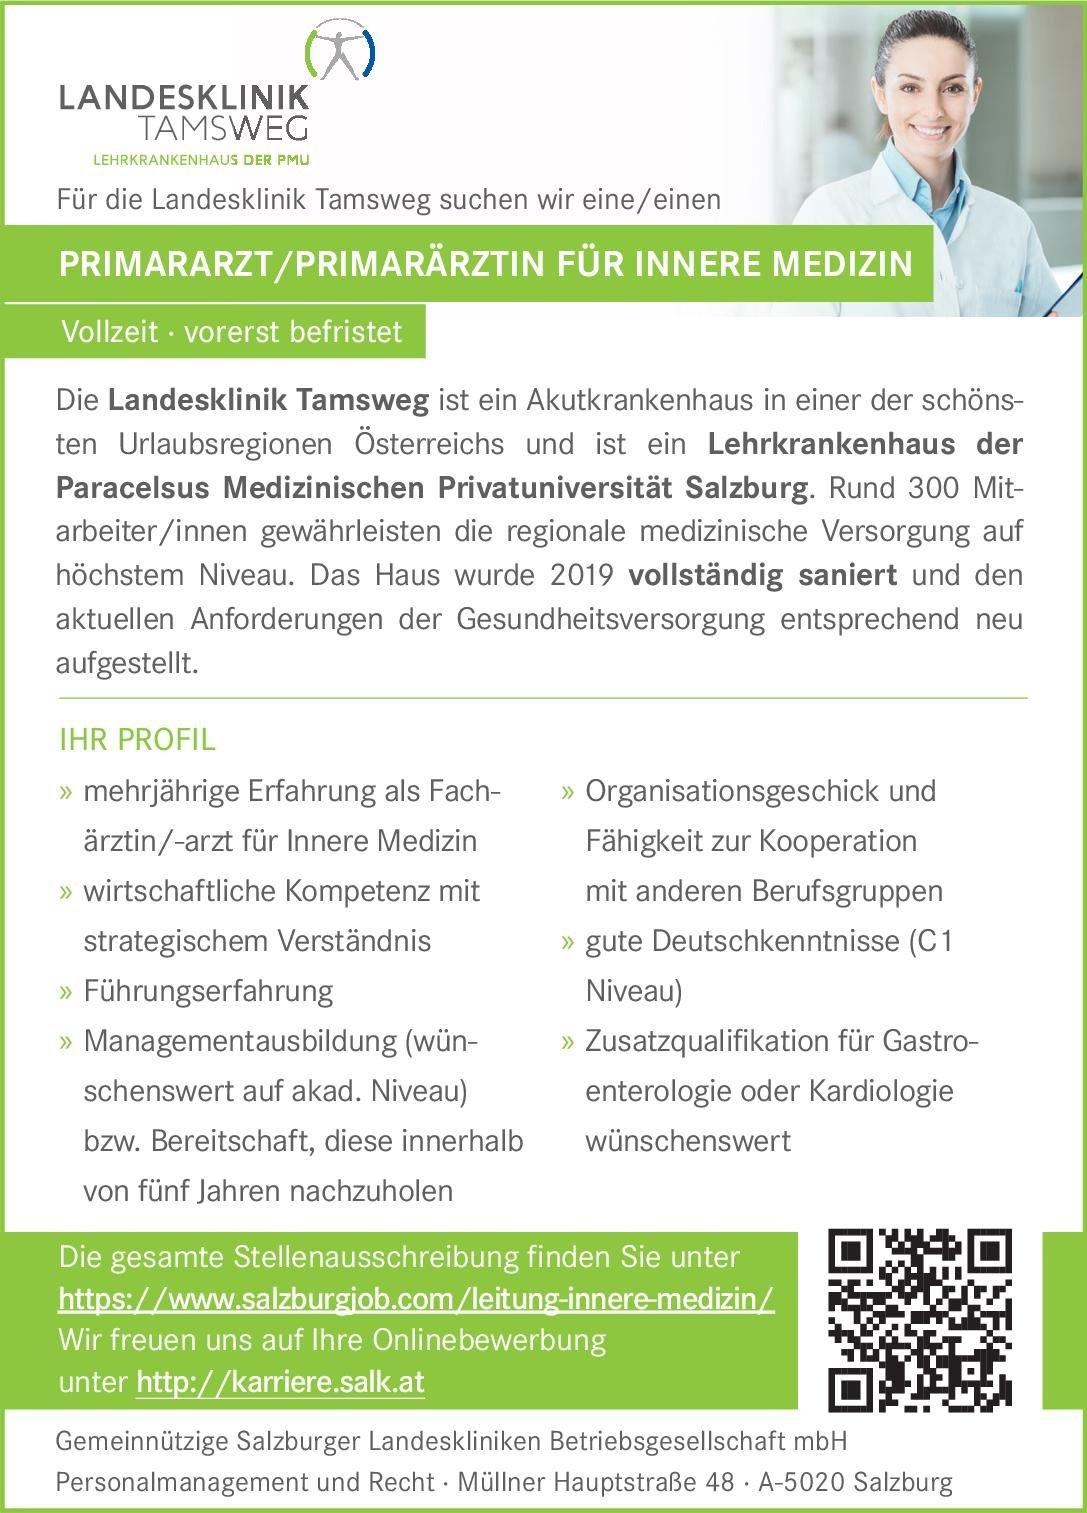 Landesklinik Tamsweg Primararzt / Primarärztin für Innere Medizin  Innere Medizin, Innere Medizin Arzt / Facharzt